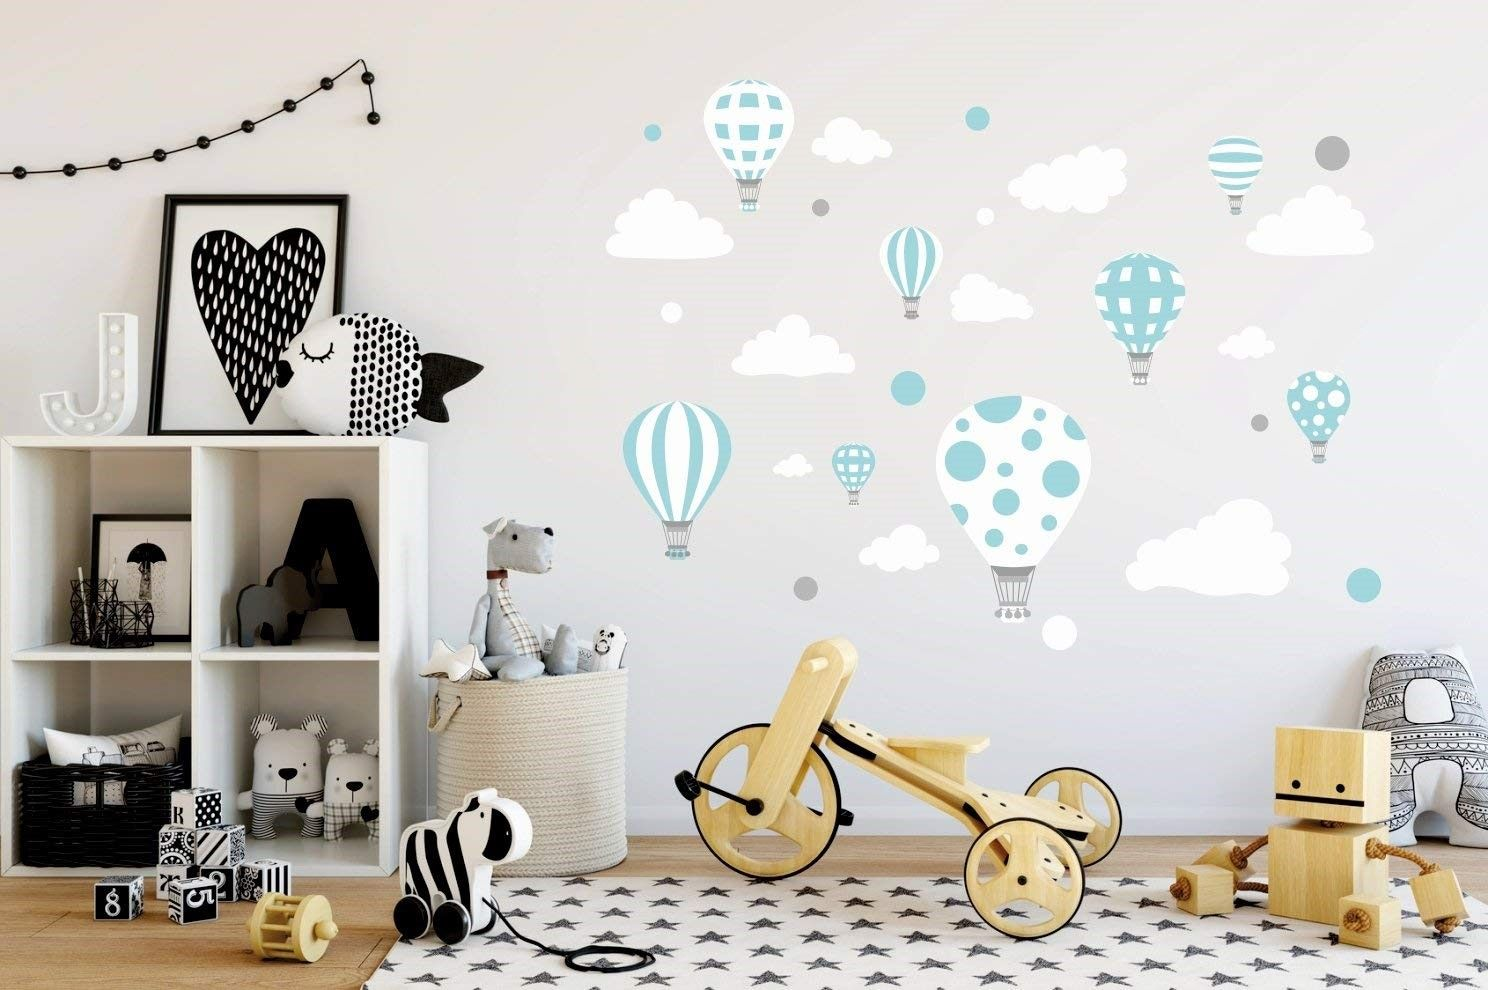 Vinilo de globos para decorar habitación infantil.